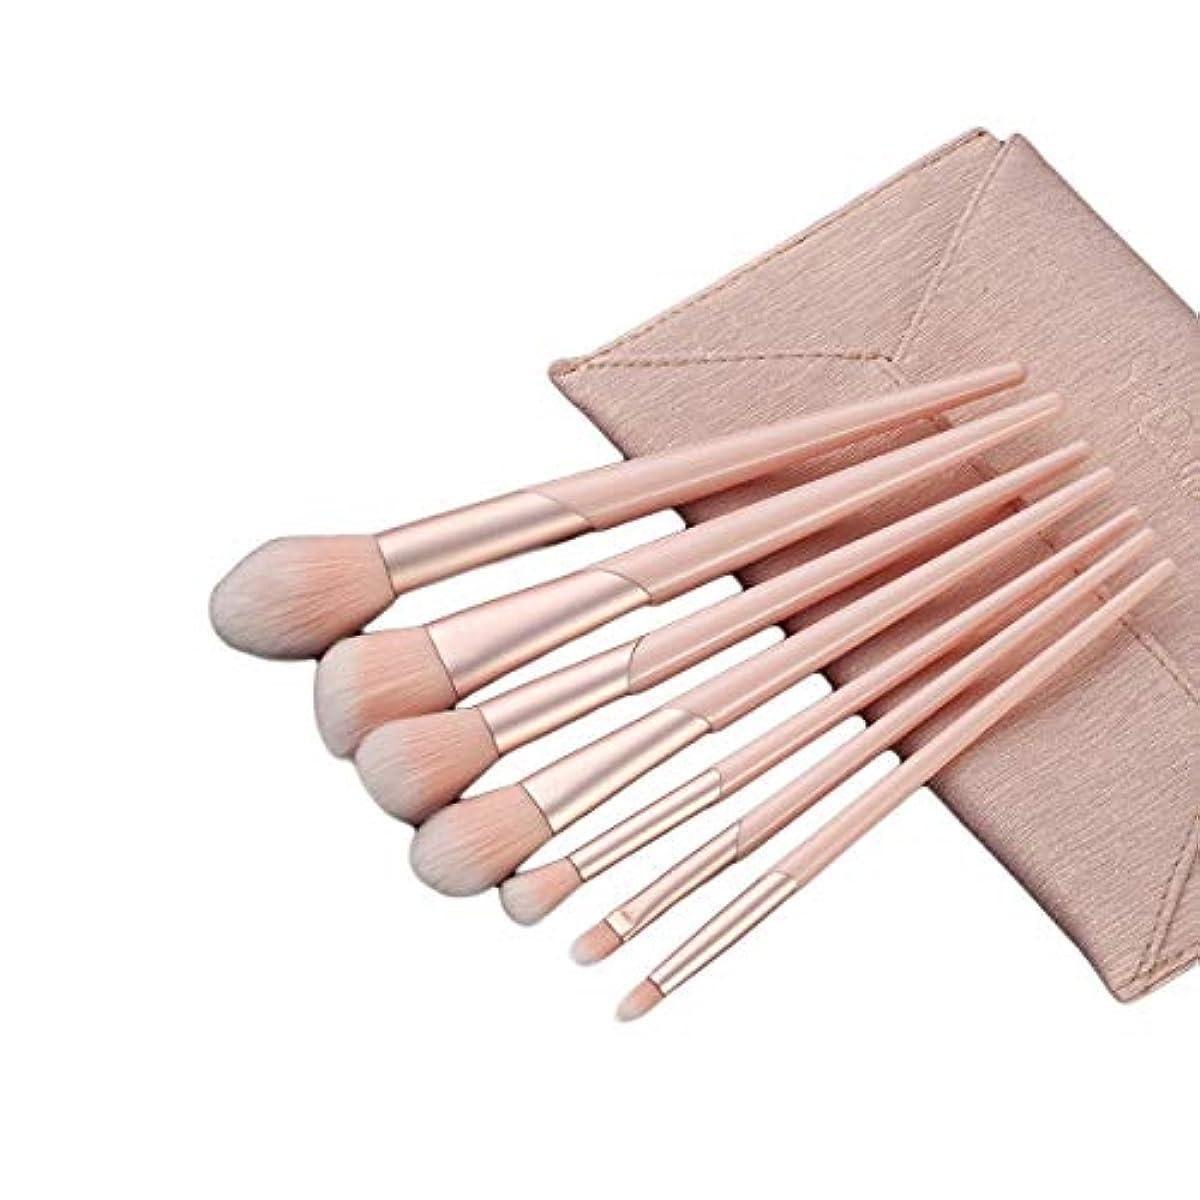 フェローシップネクタイ巨大なXIAOCHAOSD メイクブラシ、アイシャドウブラシ美容ツールのうち7スティックメイクブラシセットフルセット (Color : Pink)